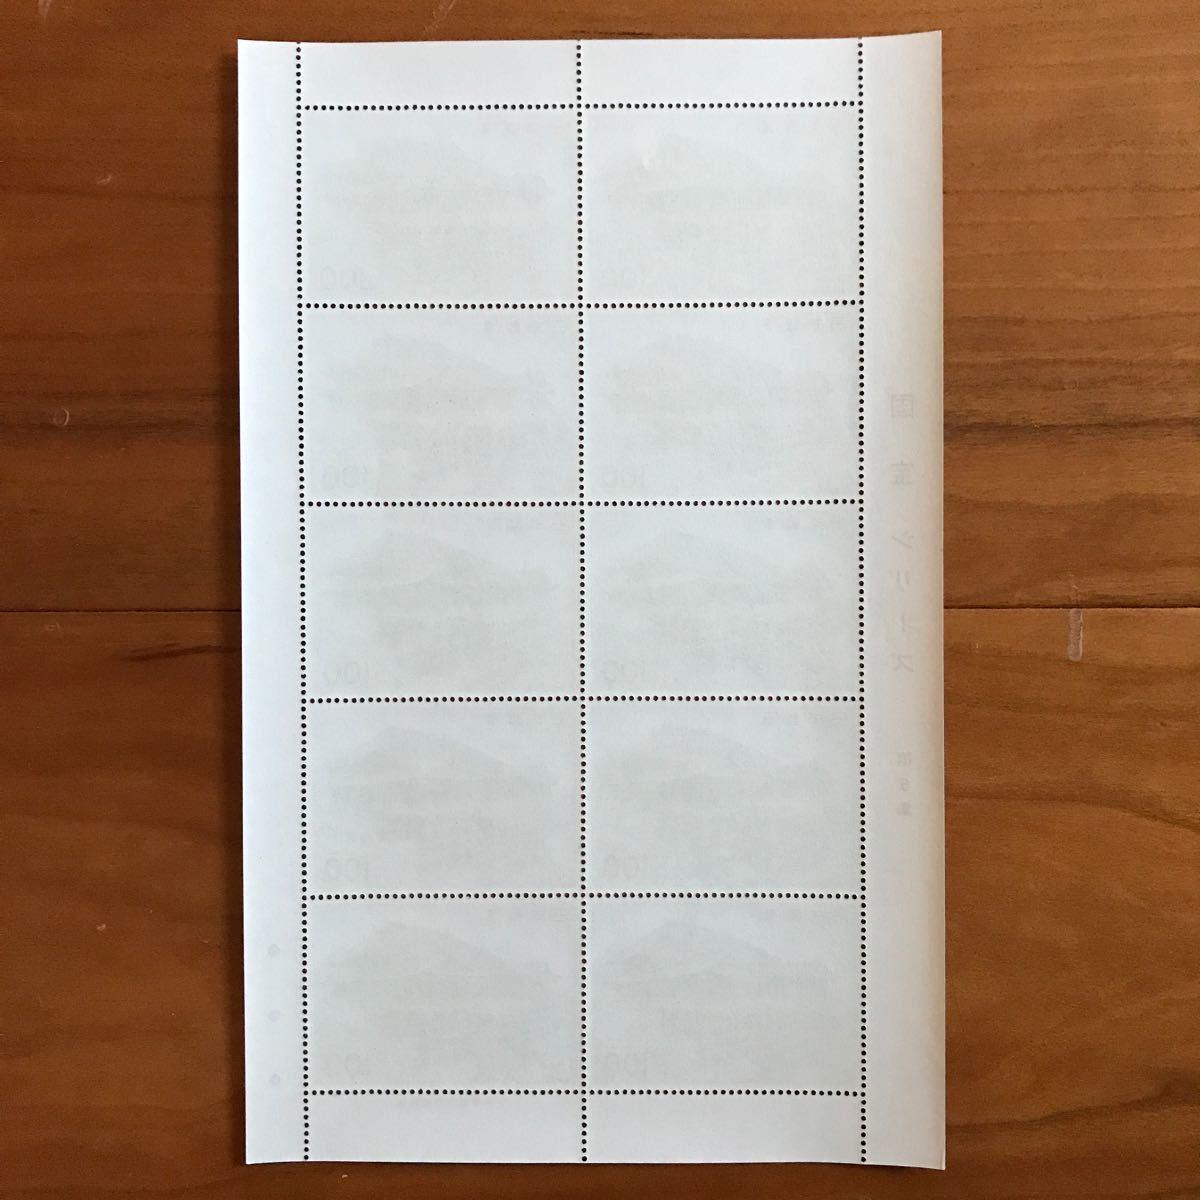 【切手シート】国宝シリーズ 第6集 清水寺本堂 大蔵省印刷局製造